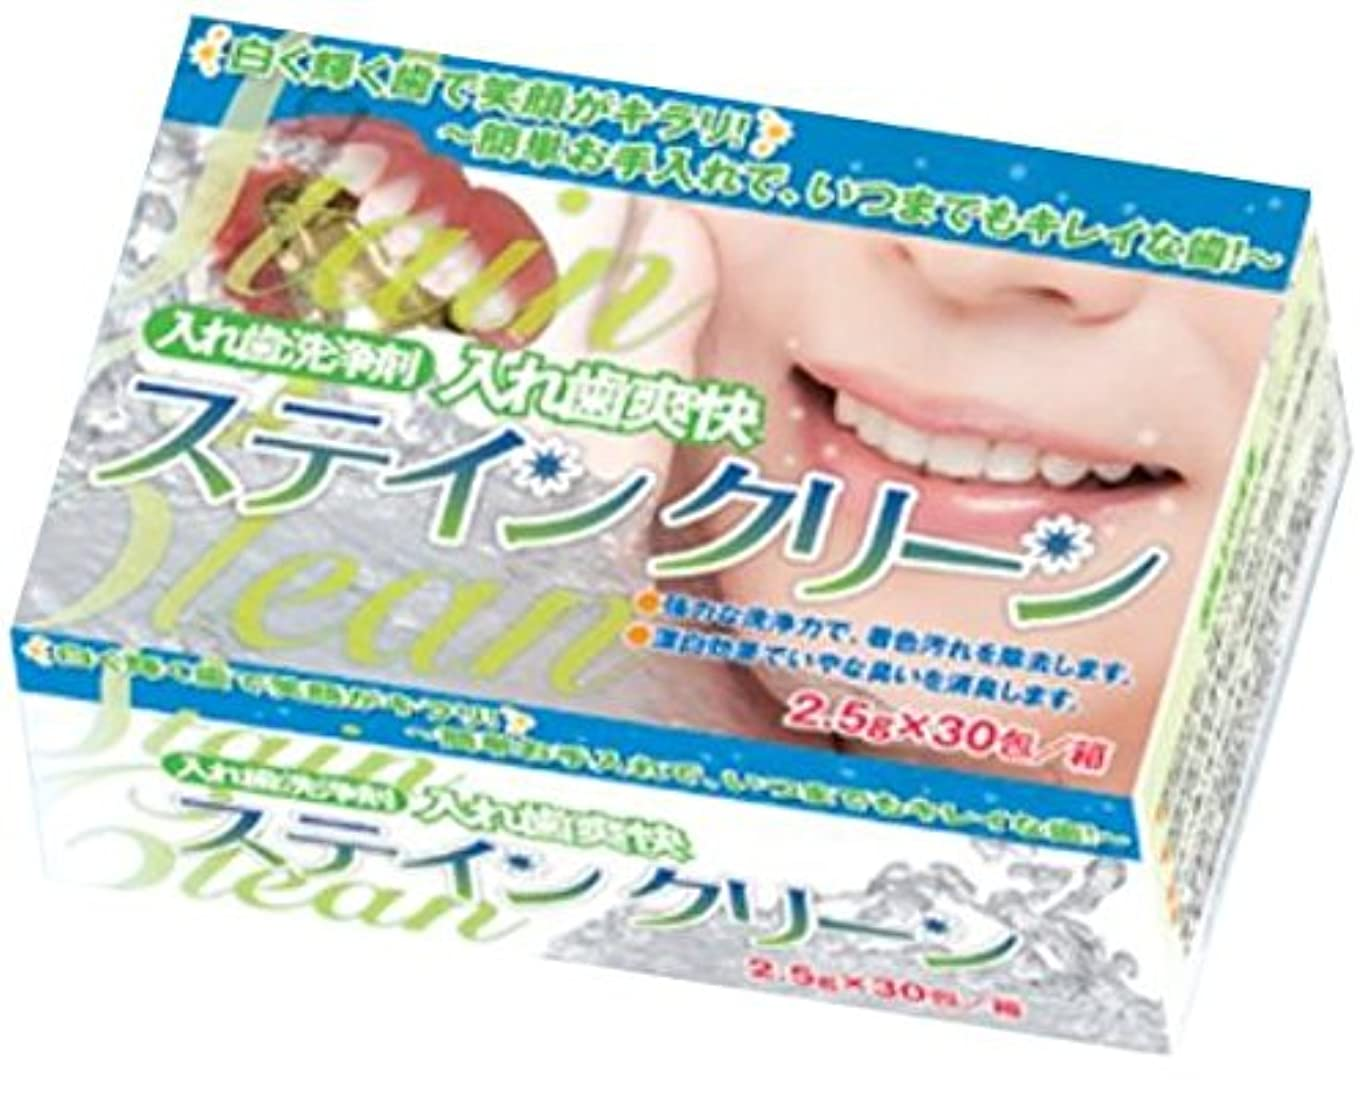 痛み除去啓発する入れ歯爽快 ステインクリーン 1箱(2.5g × 30包入り) 歯科医院専売品 (1箱)